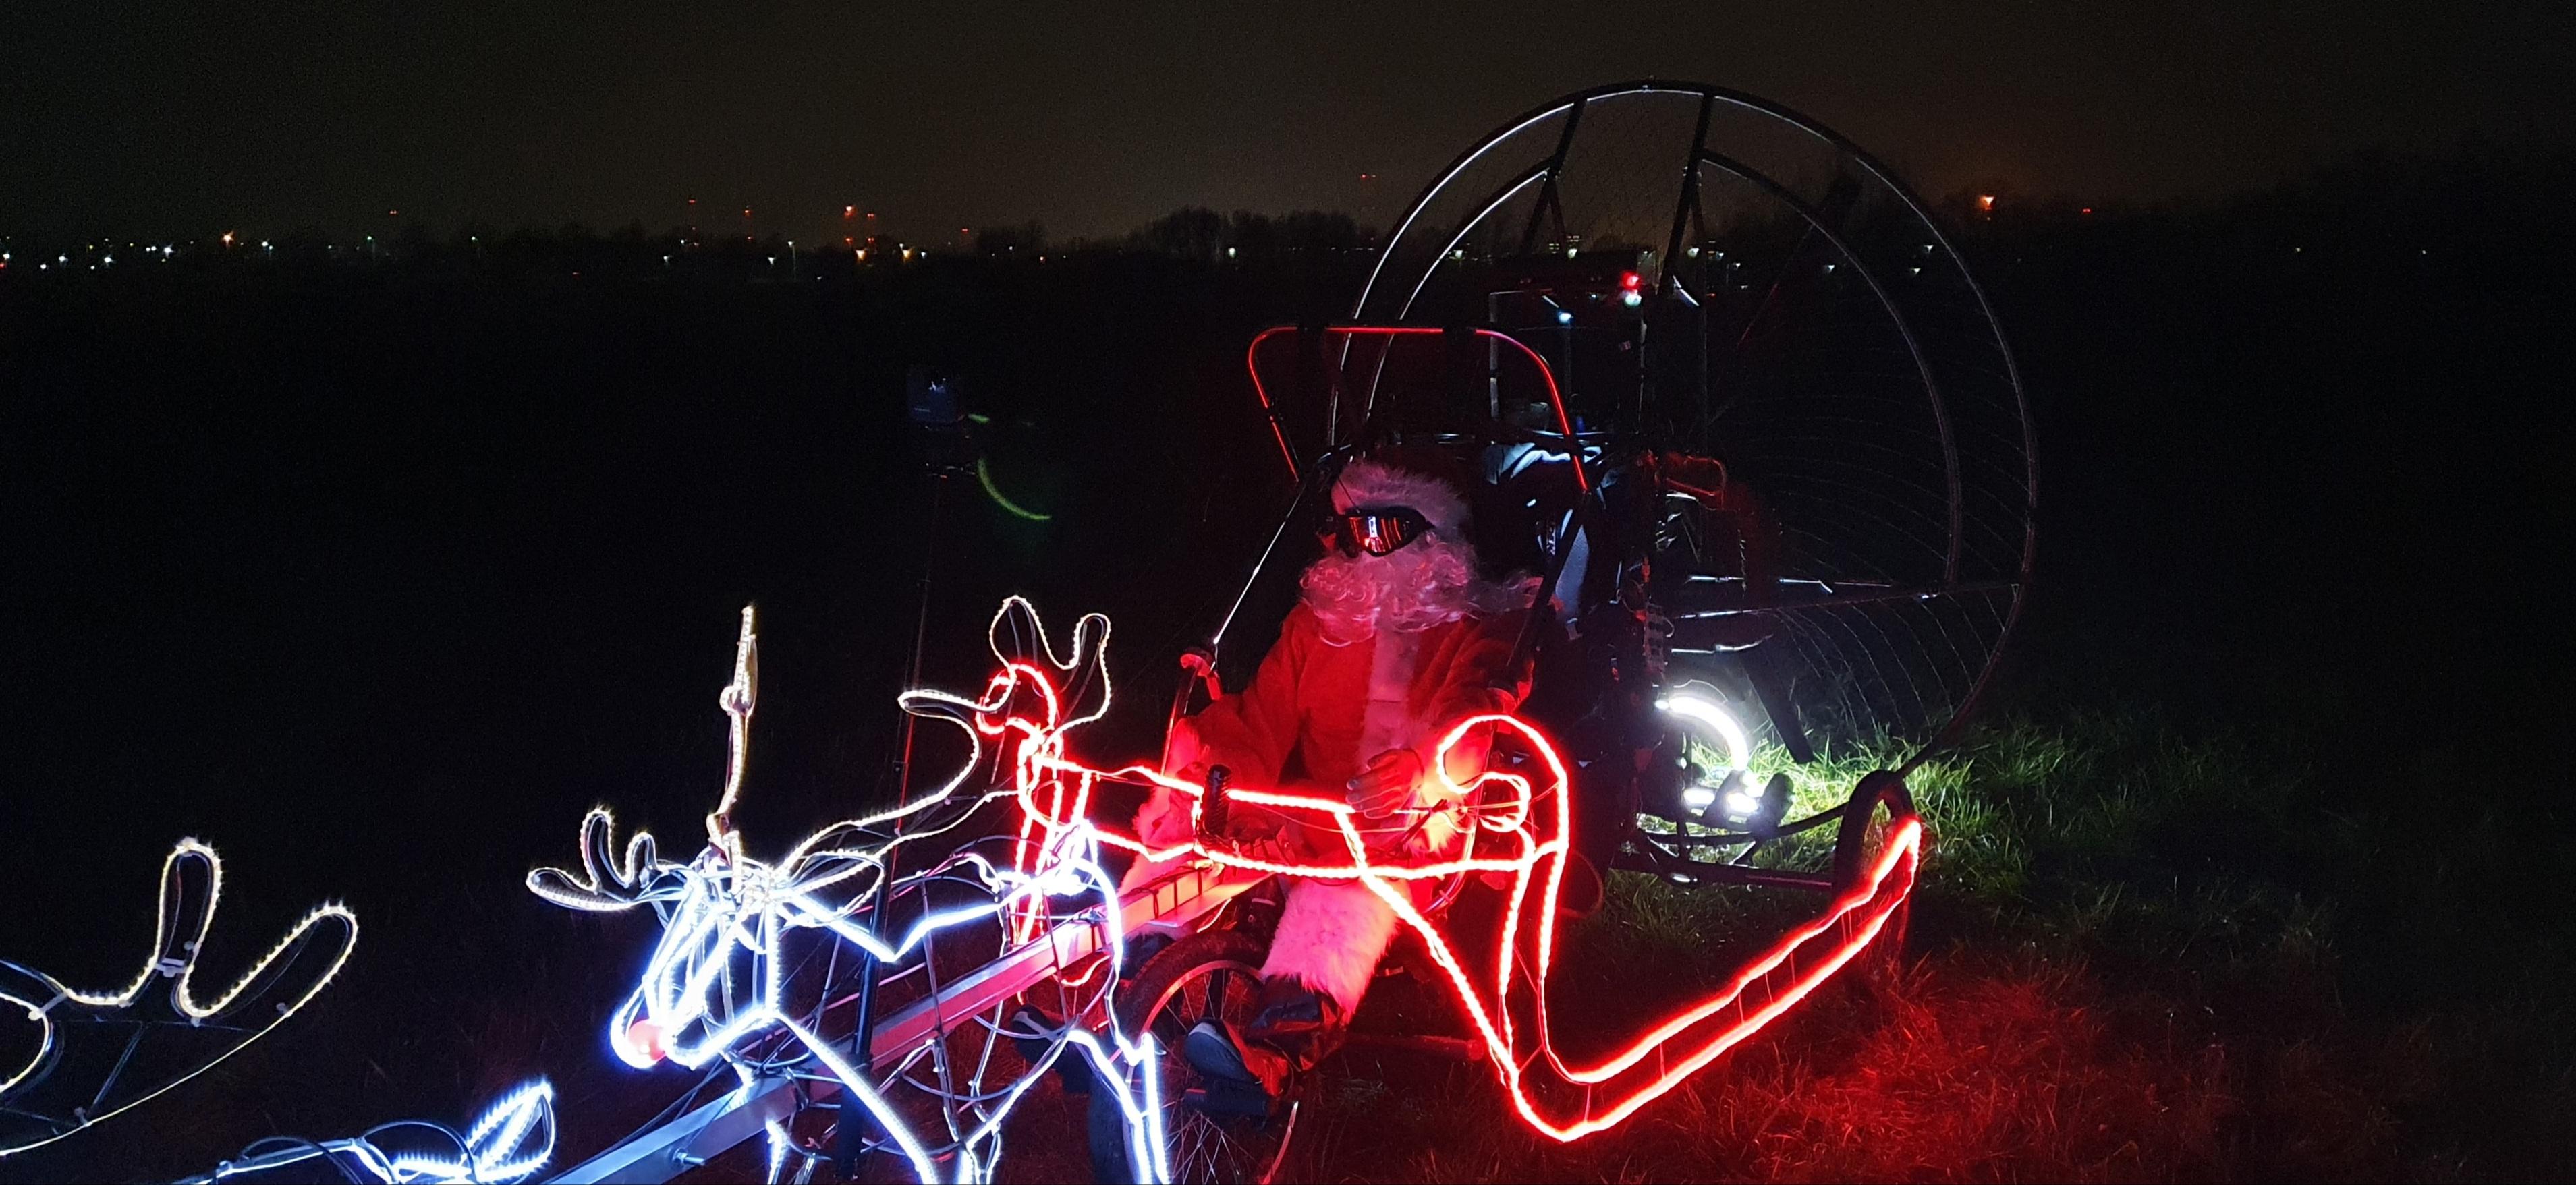 Św. Mikołaj dotarł już do Płocka [WIDEO] - Zdjęcie główne